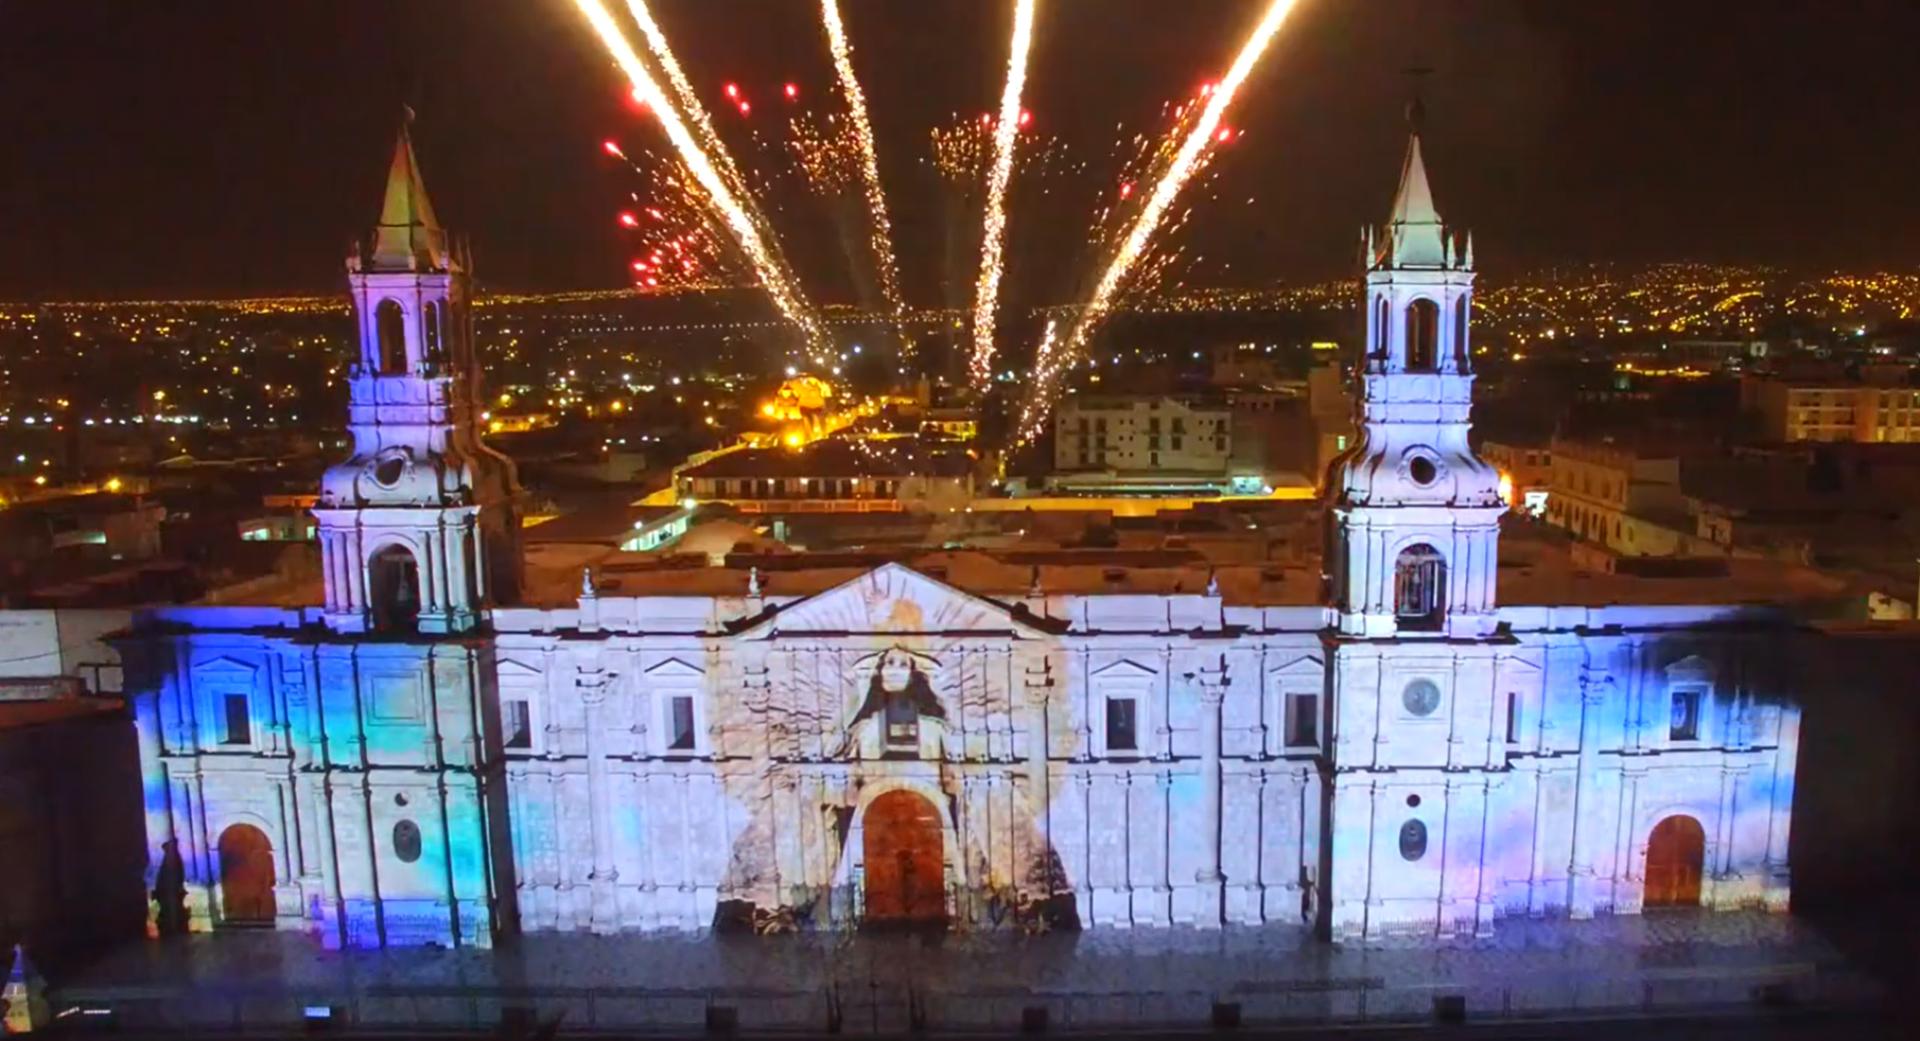 Comemoração dos 476 anos da catedral de Arequipa no Peru feita pelo VJ Malaki